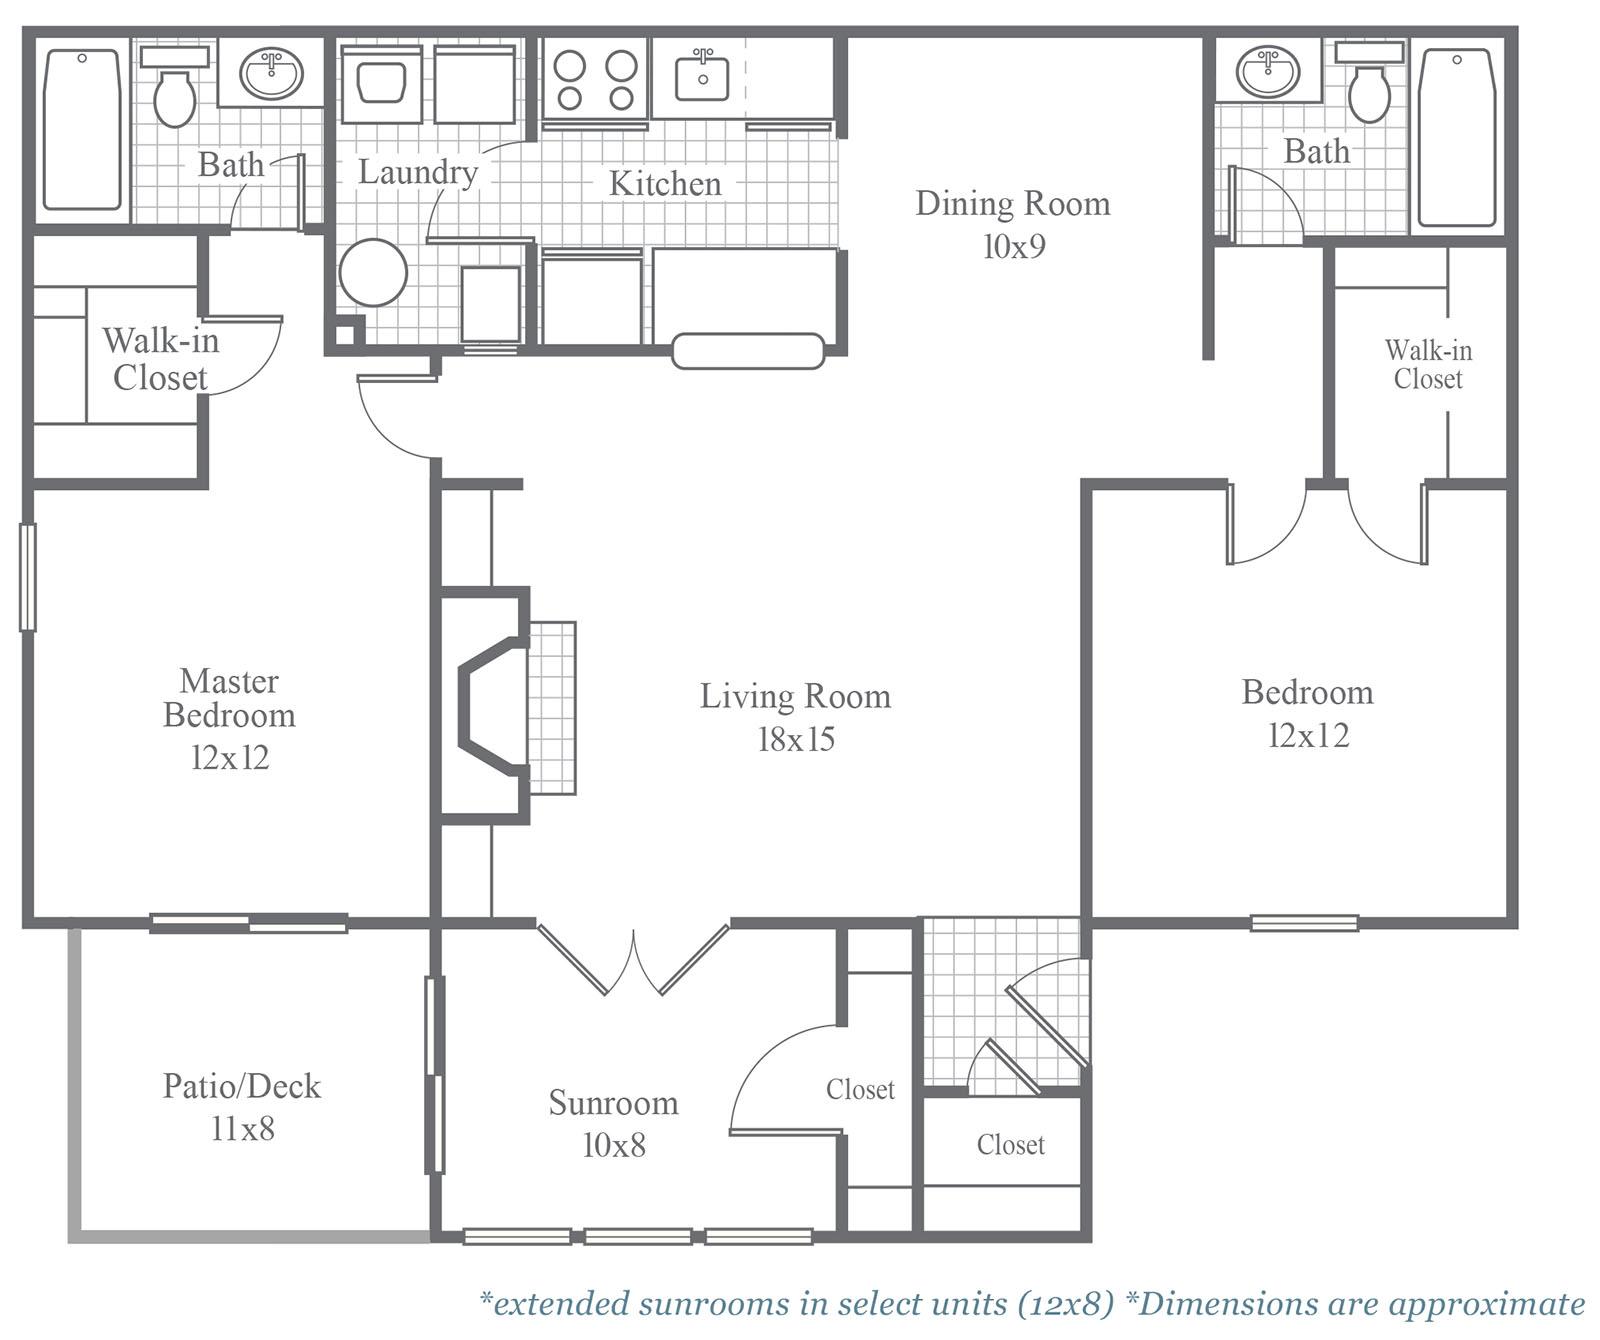 Classic floor plans calibre woods for 12x12 kitchen floor plan